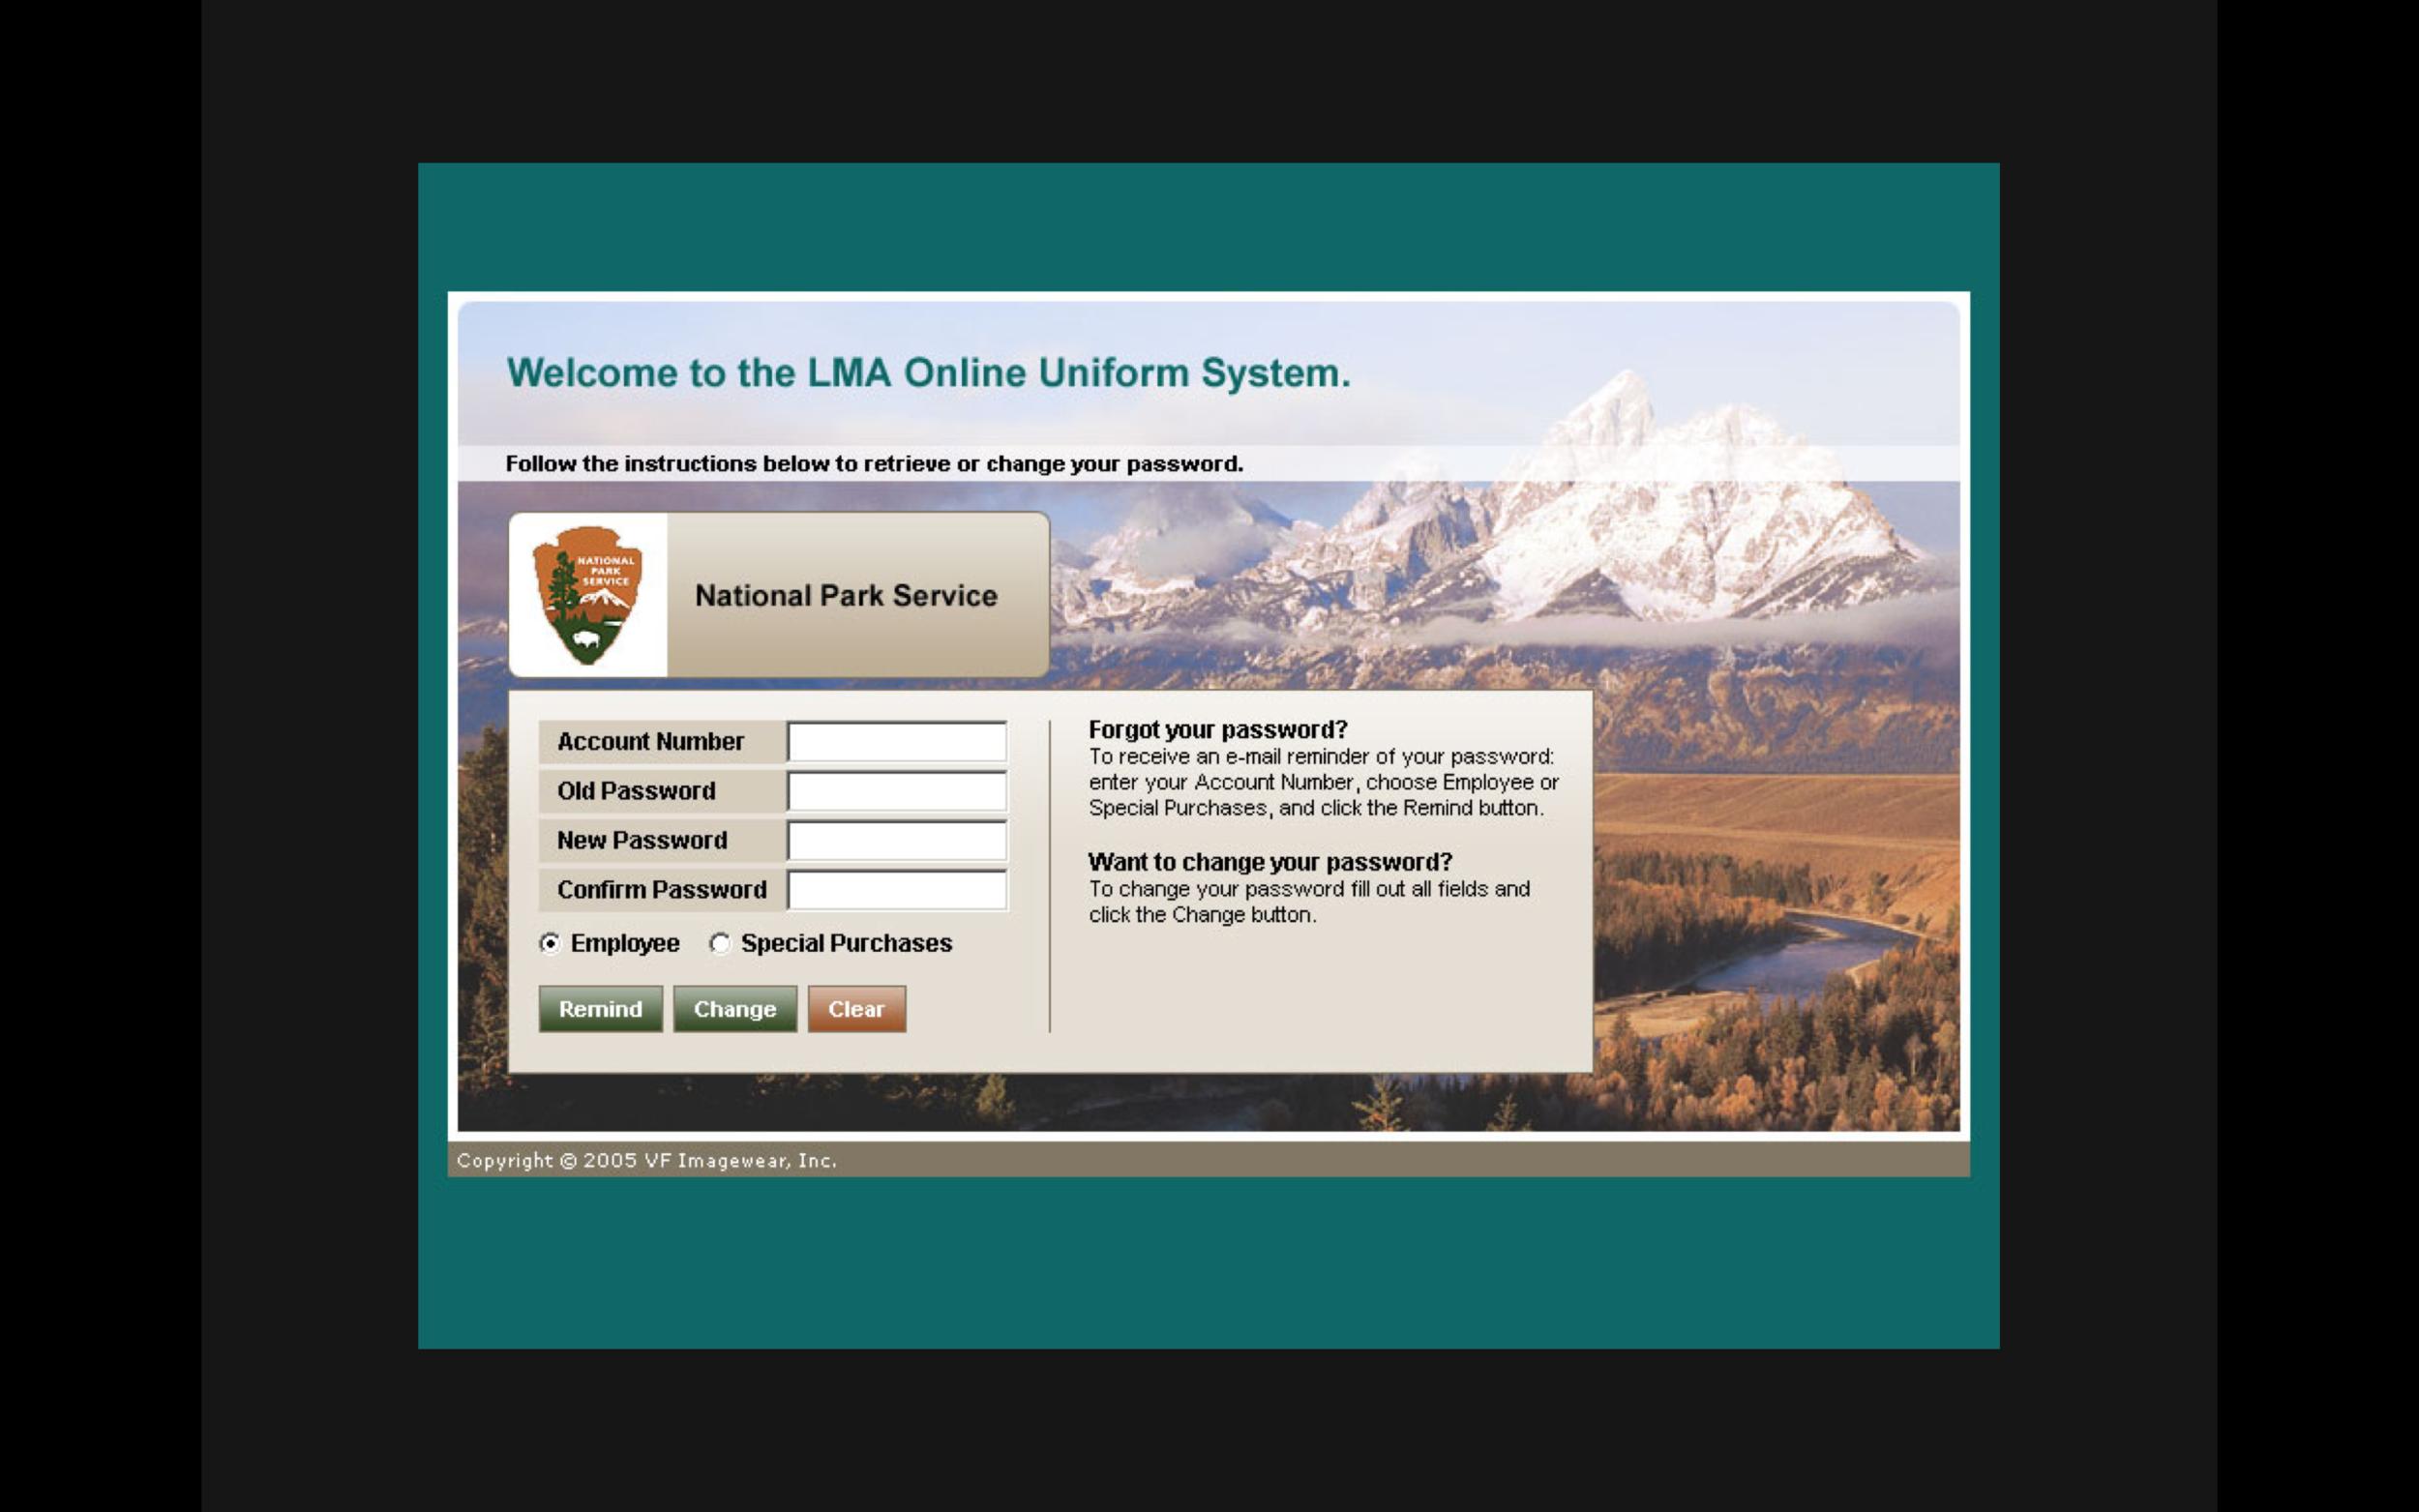 Screenshot of password reset screen